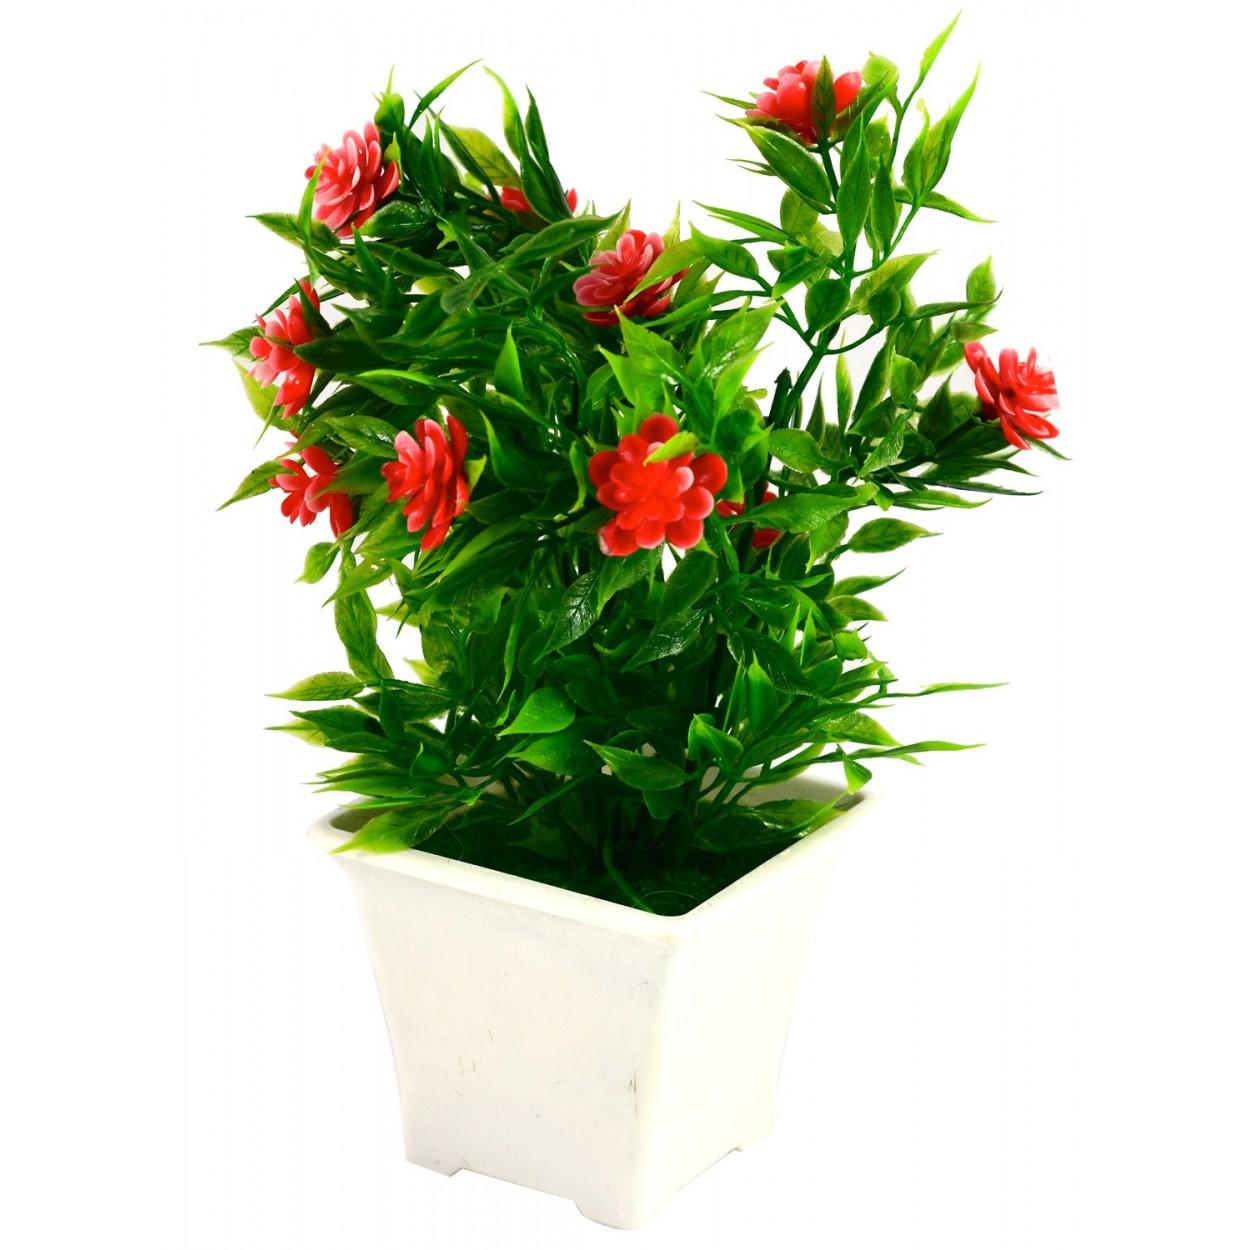 Planta artificial con maceta 20x17 cm hogar y m s - Planta artificial ...